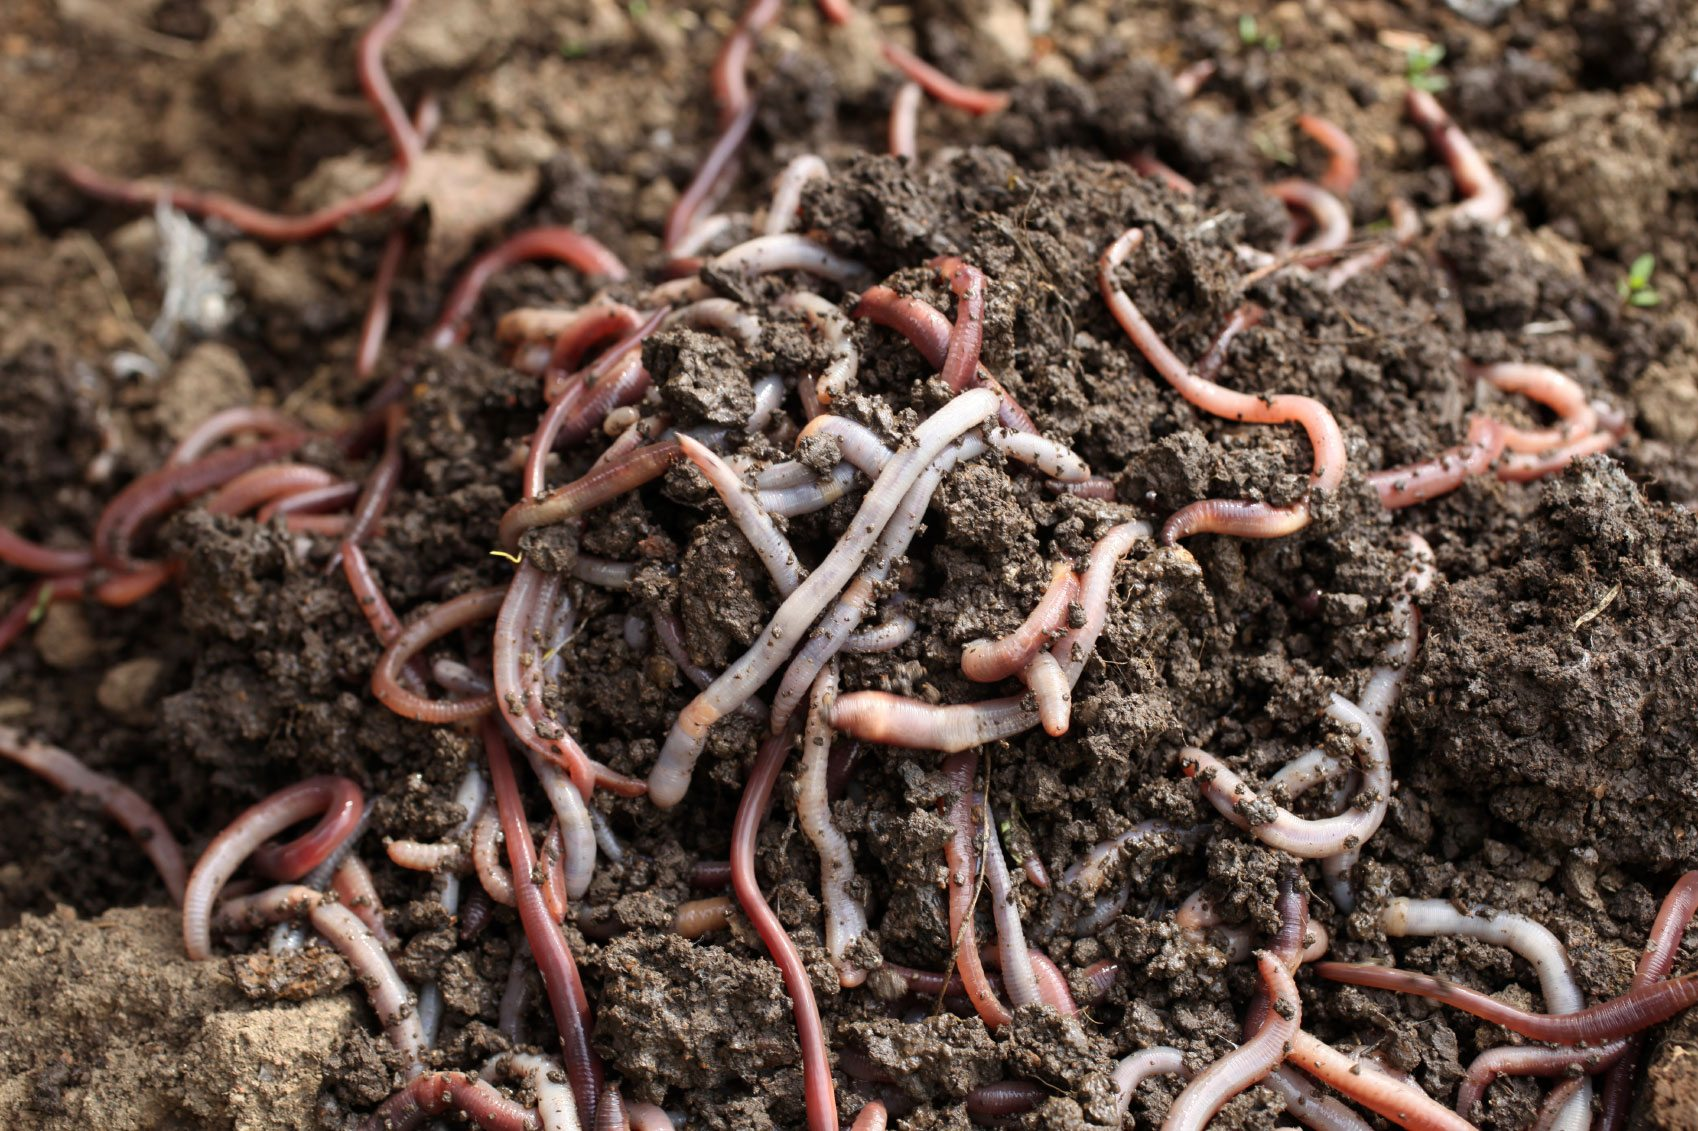 cara mengolah sampah organik menjadi kompos